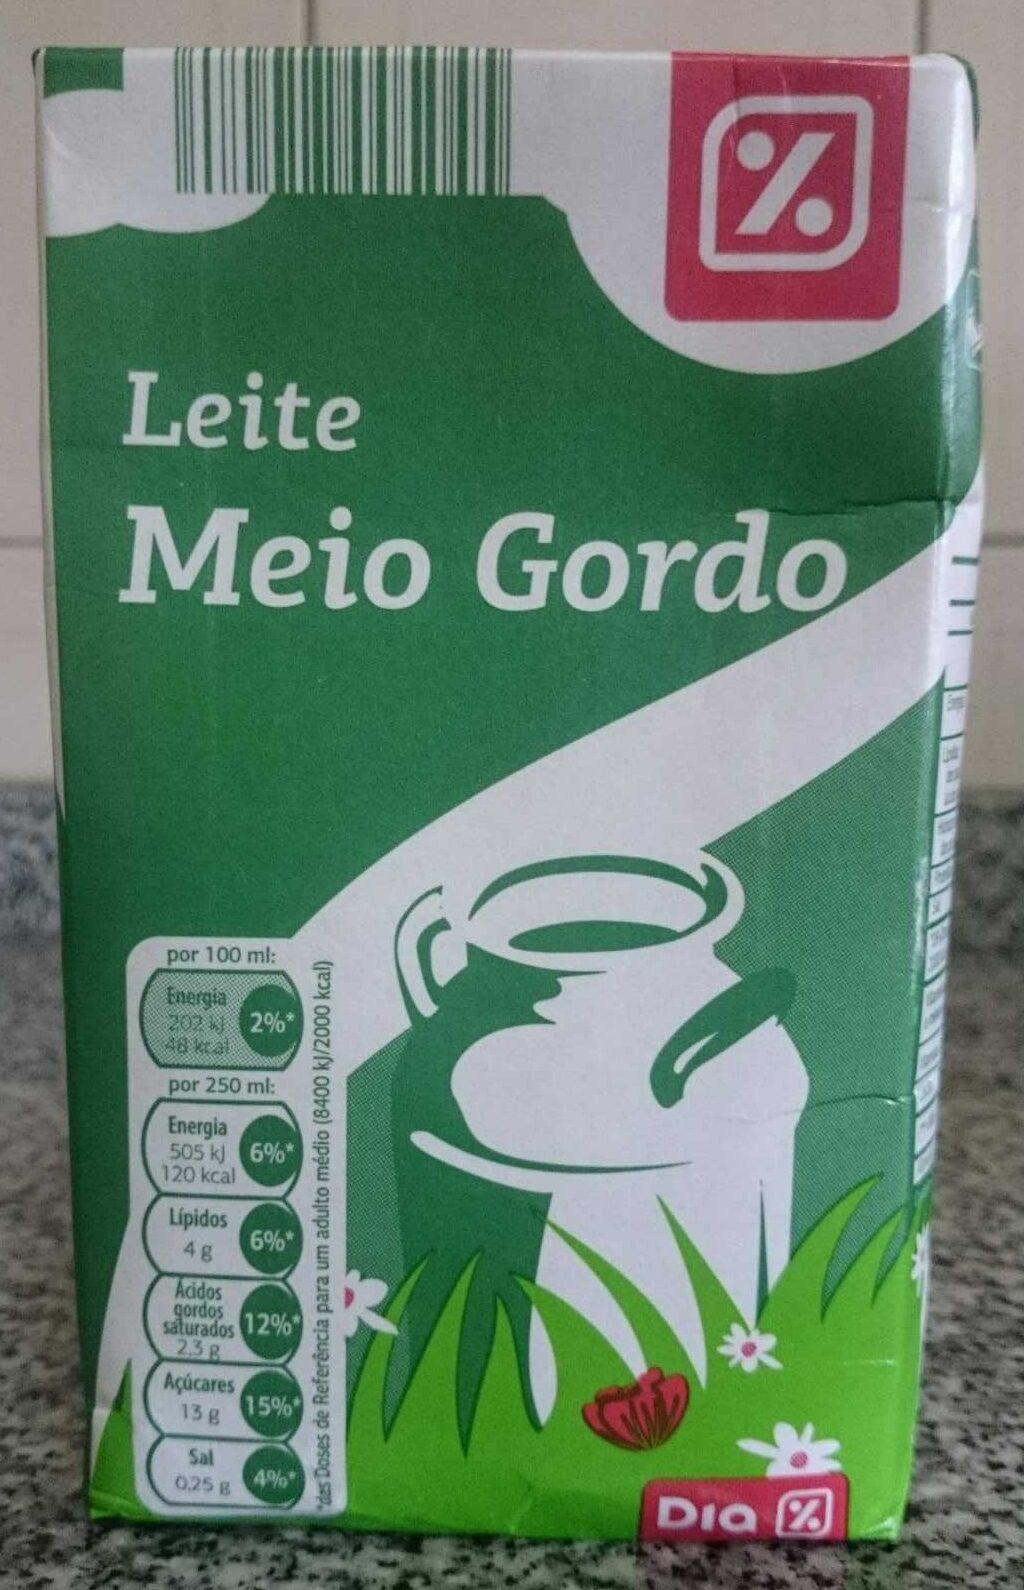 Leche semi desnatada - Produto